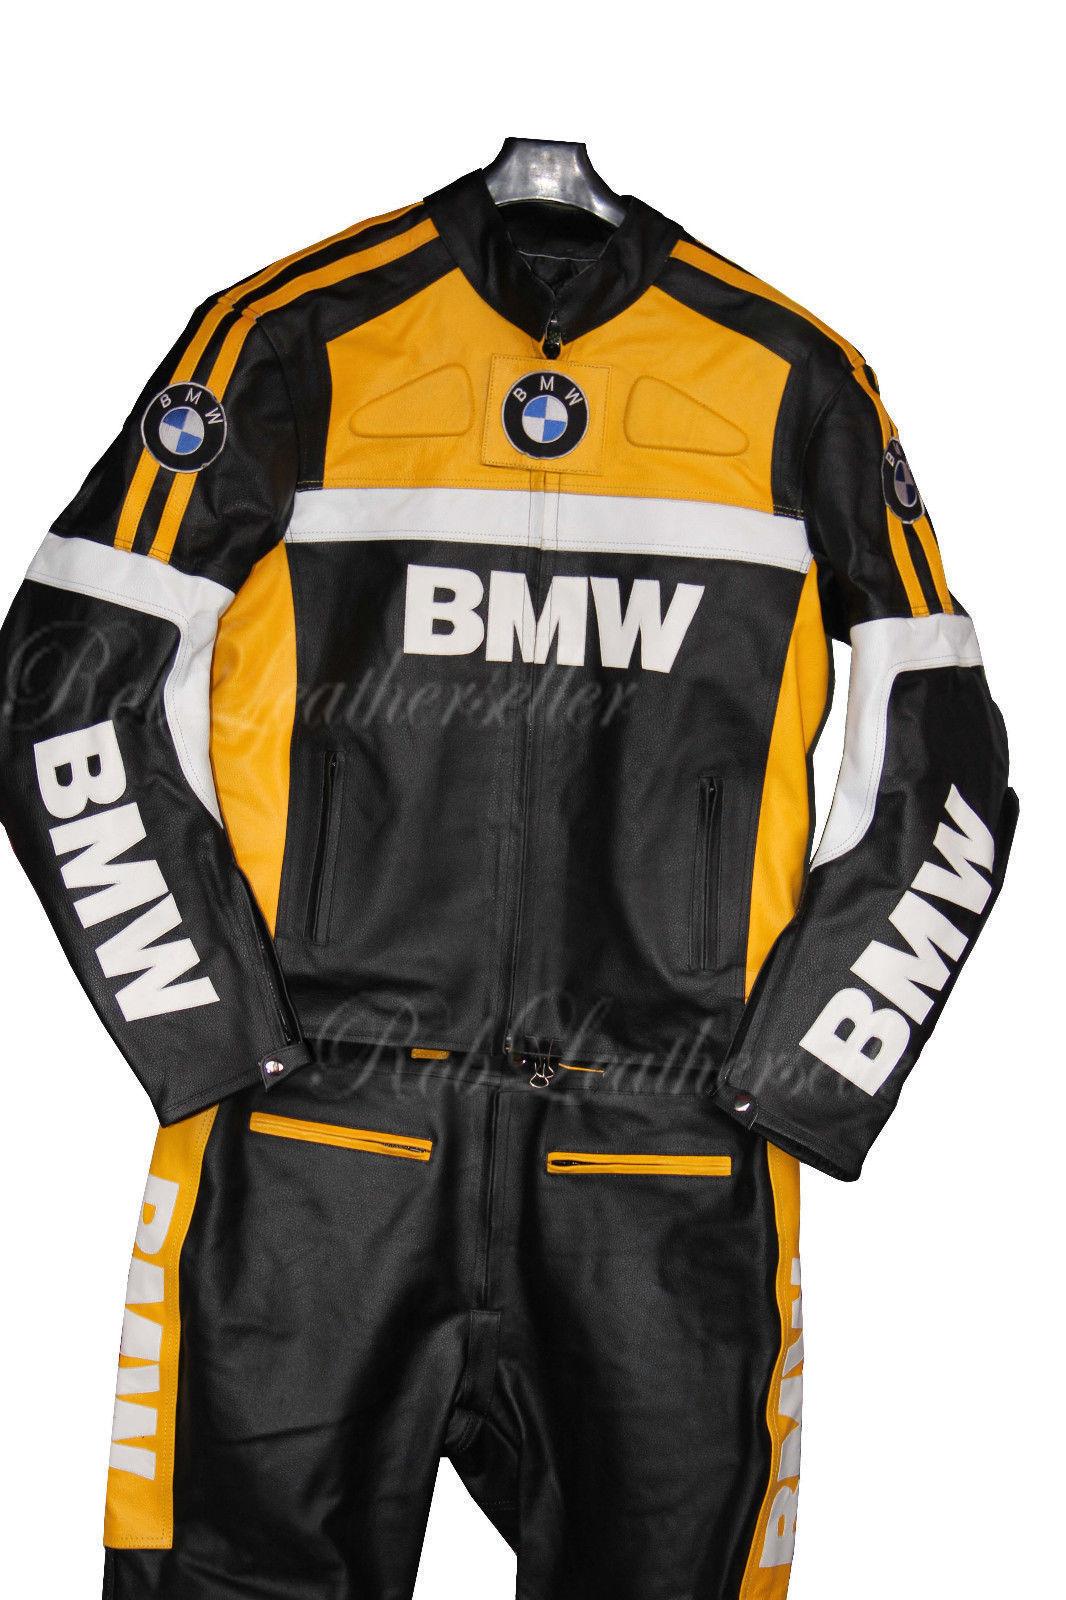 Bmw Motorcycle Jacket Yellow